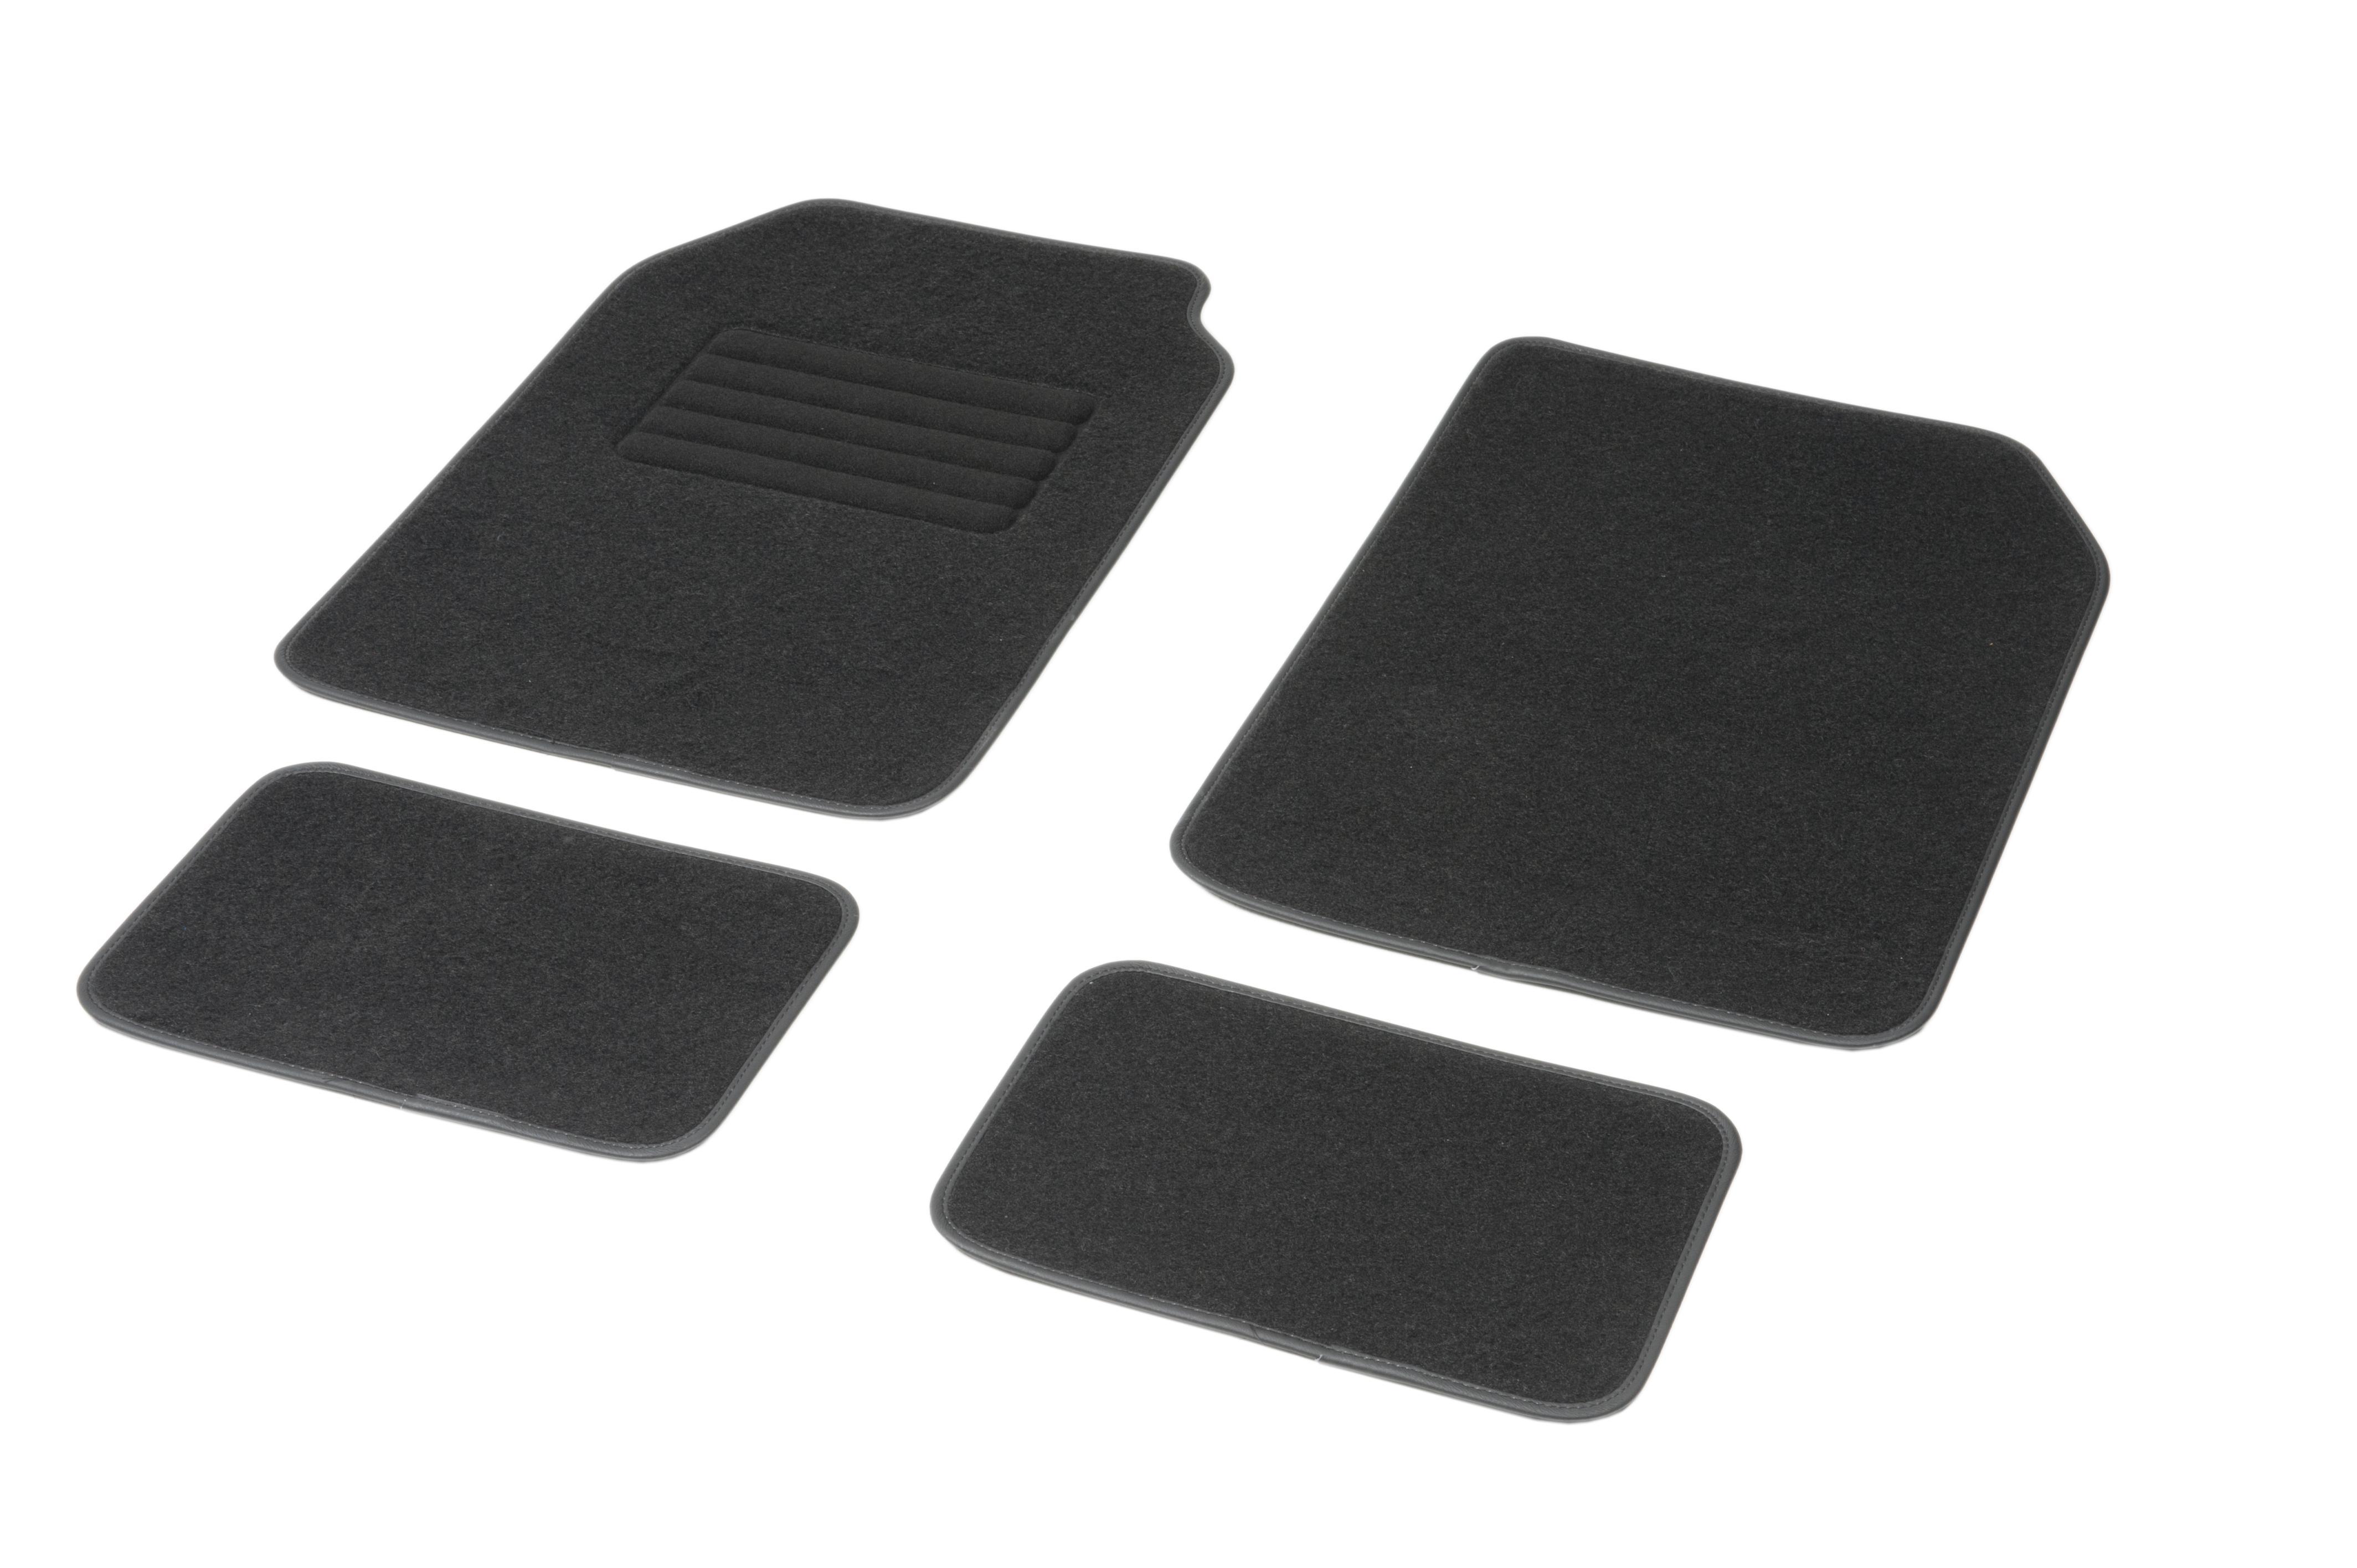 Achat de 01765765 DBS Adaptation universelle, STANDARD Textile, avant et arrière, Quantité: 4, noir Taille: 7х46 Ensemble de tapis de sol 01765765 pas chères